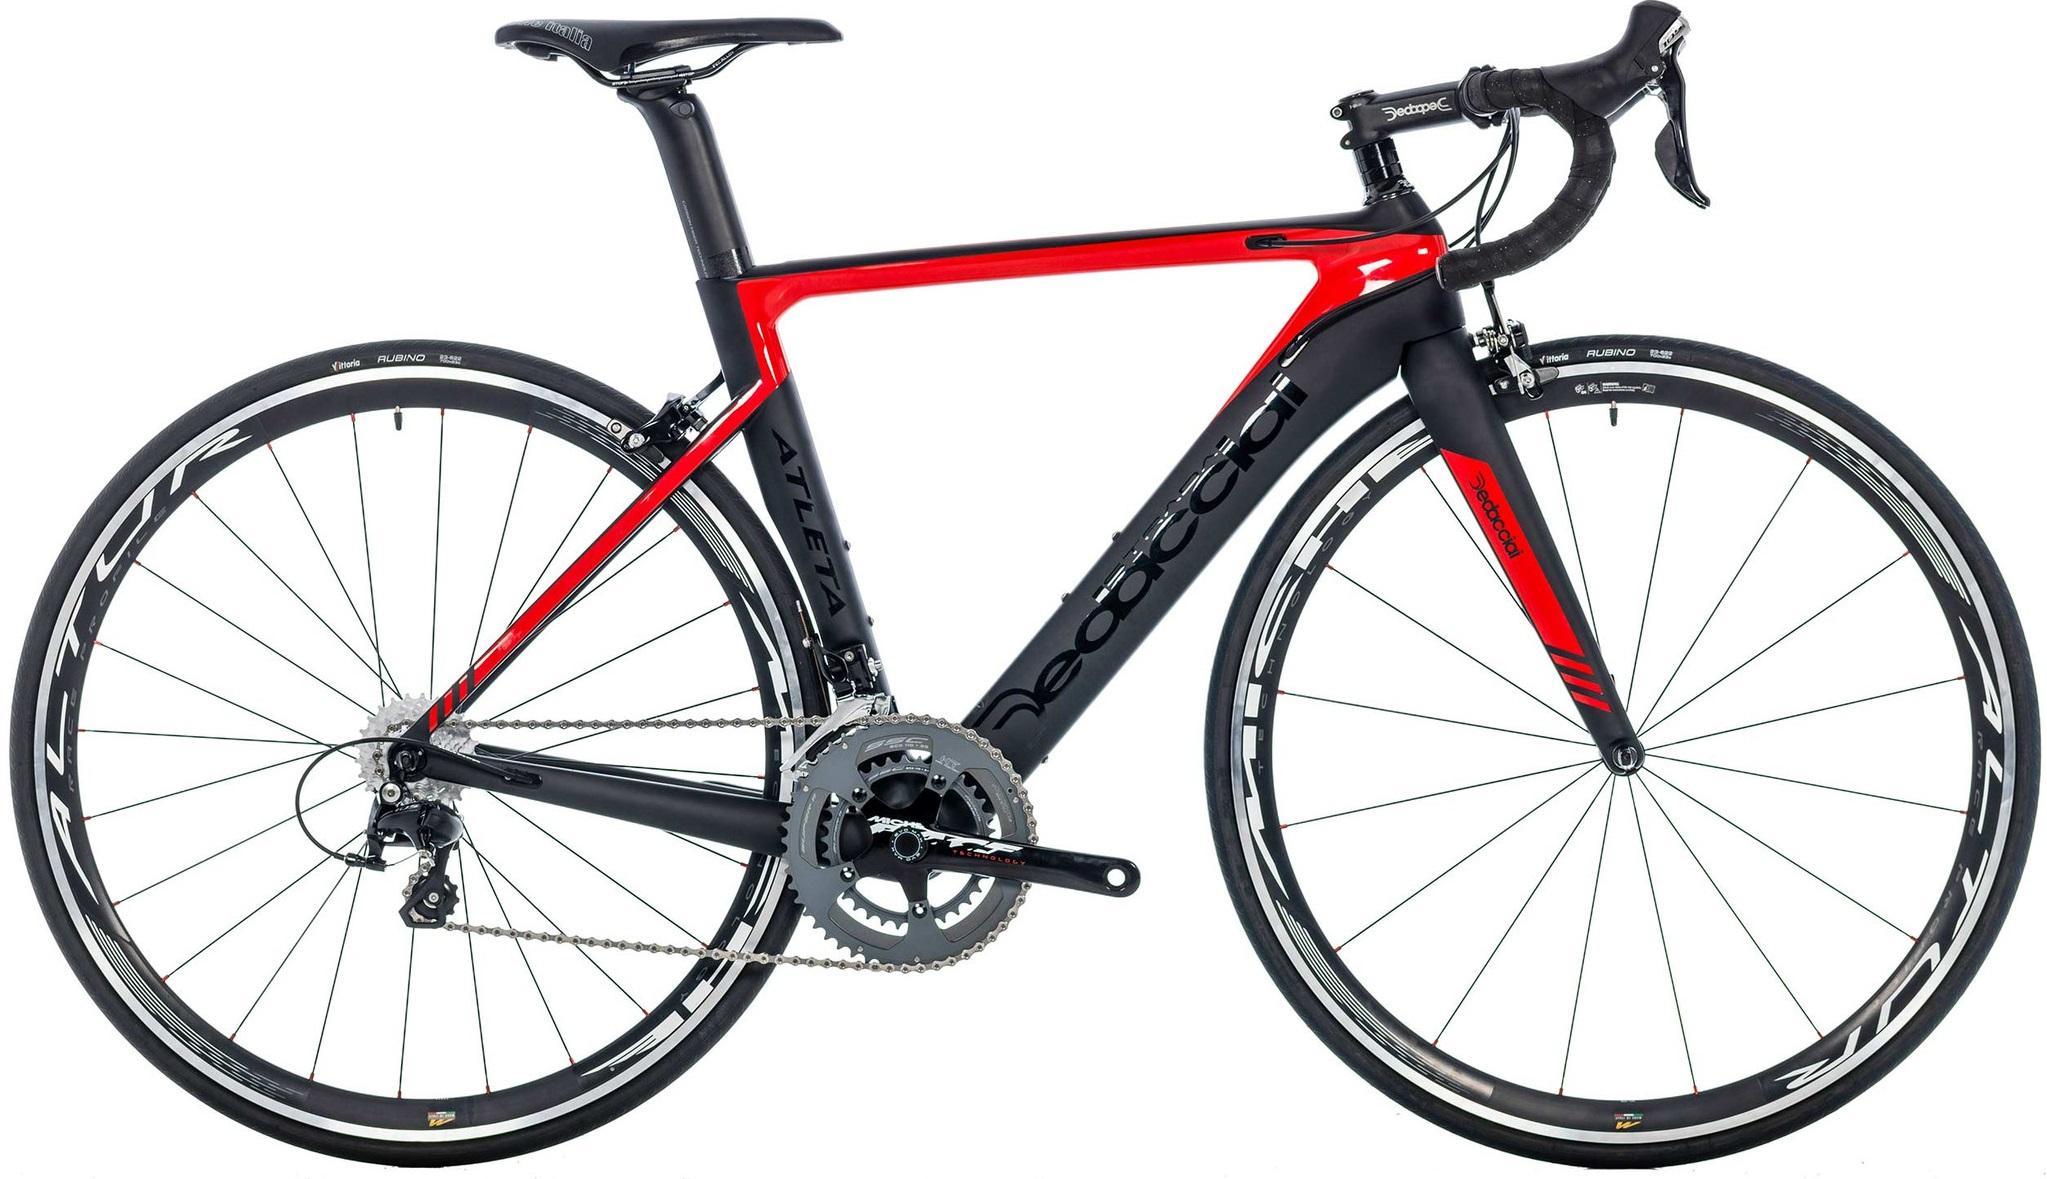 2016 Dedacciai Atleta red black aero 2016 2neuroticarnutzGENESIS-2015-ZERo ultegra red2016 Dedacciai Atleta red black aero 2016 2